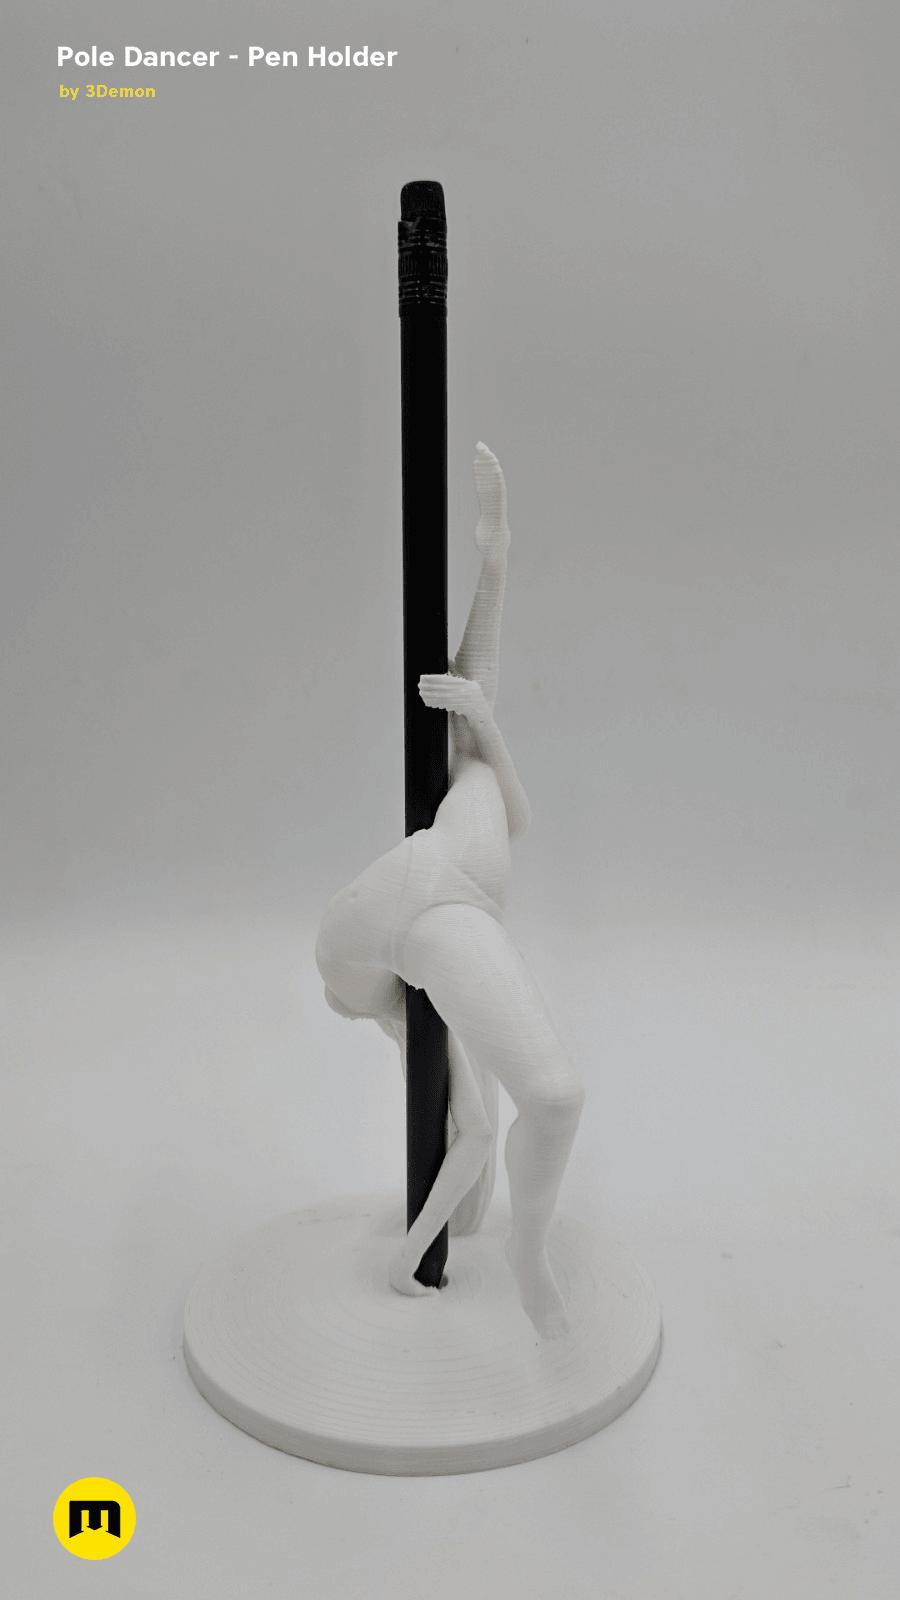 IMG_20190219_142058.png Download STL file Pole Dancer - Pen Holder • Object to 3D print, 3D-mon